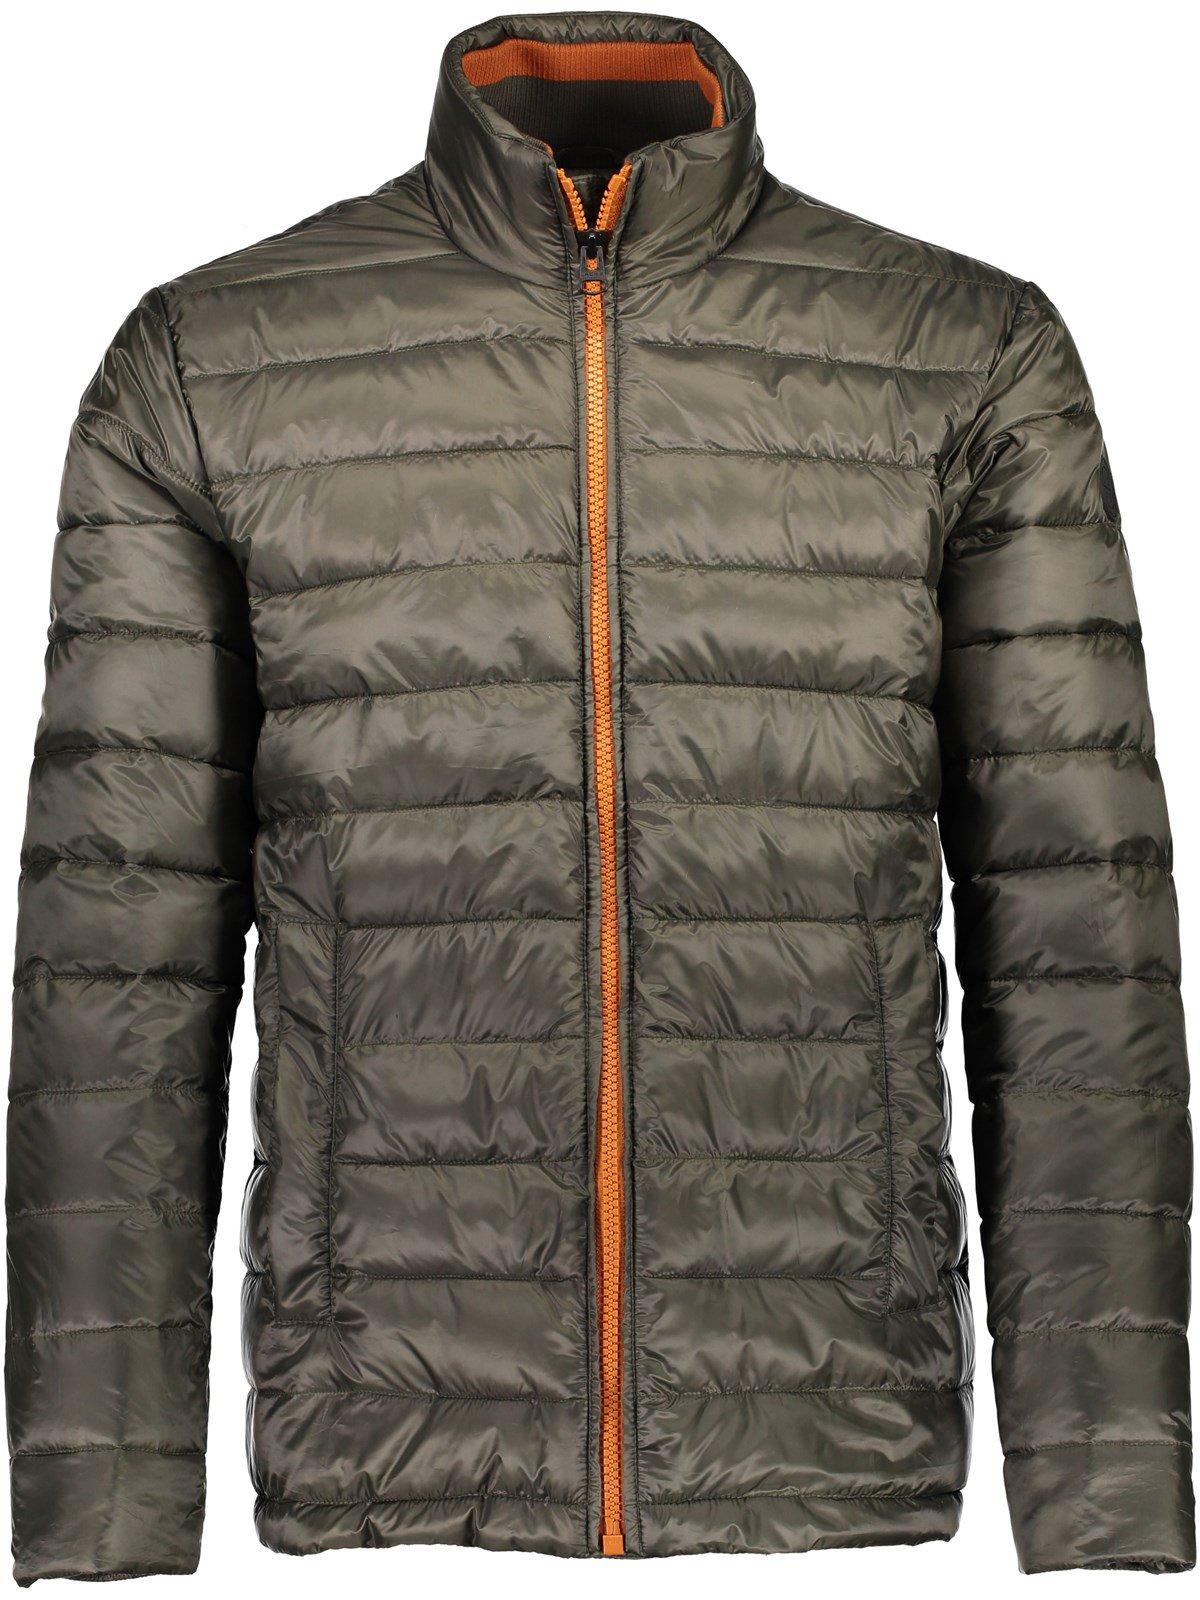 5ce1c91a jacks-sportswear-intl-dunjakke-groen - Vandreshoppen.dk